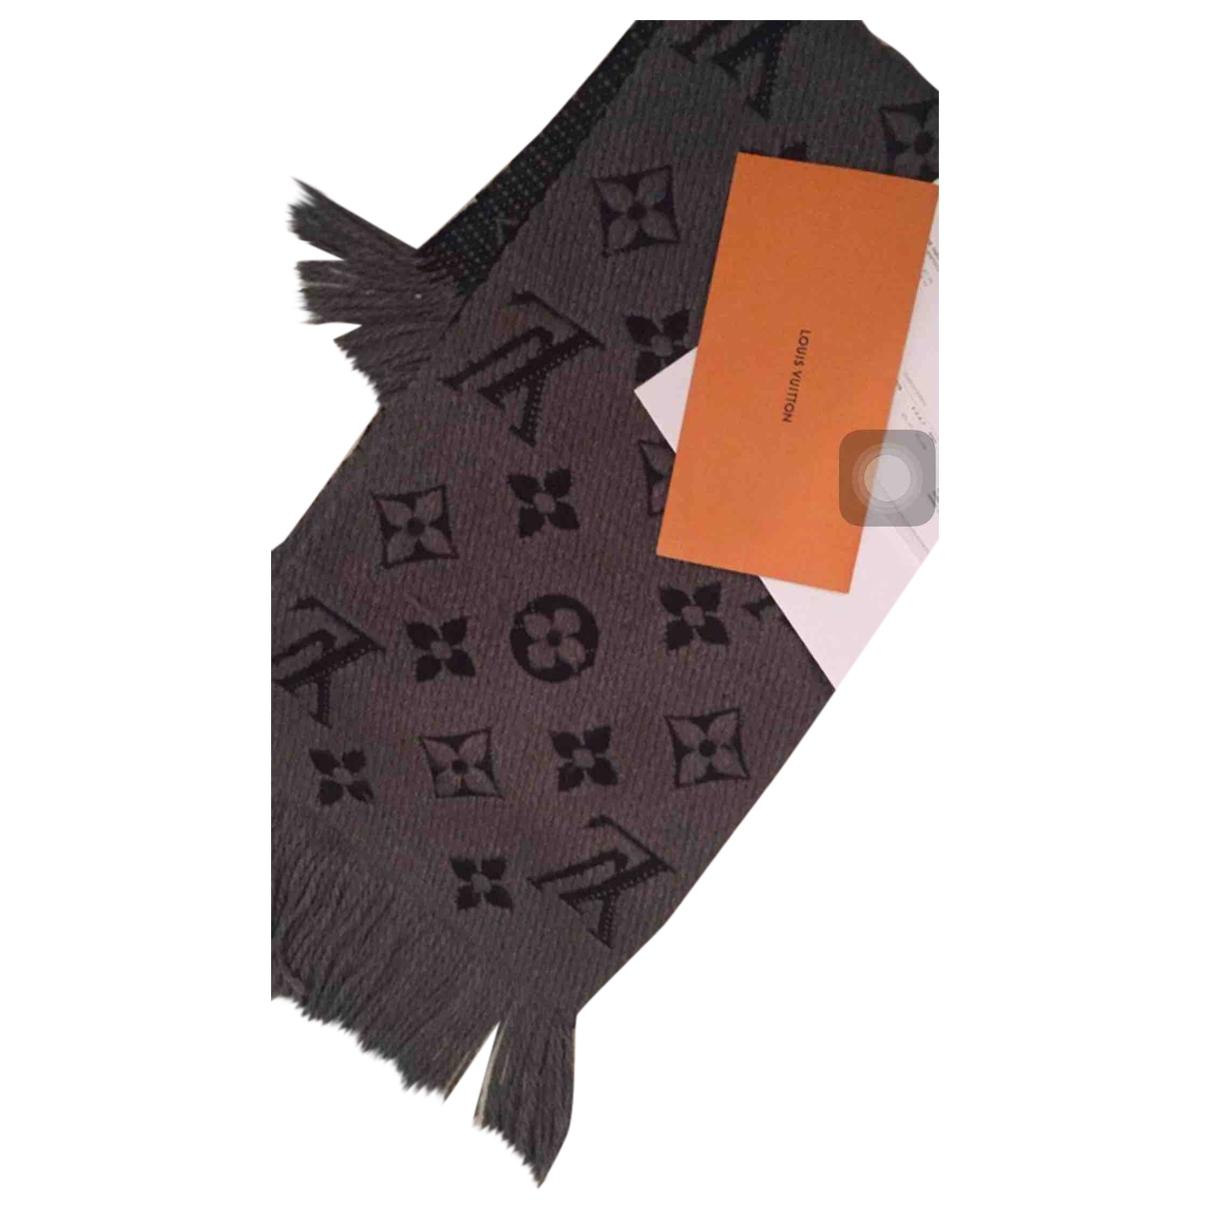 Bufanda Logomania de Seda Louis Vuitton